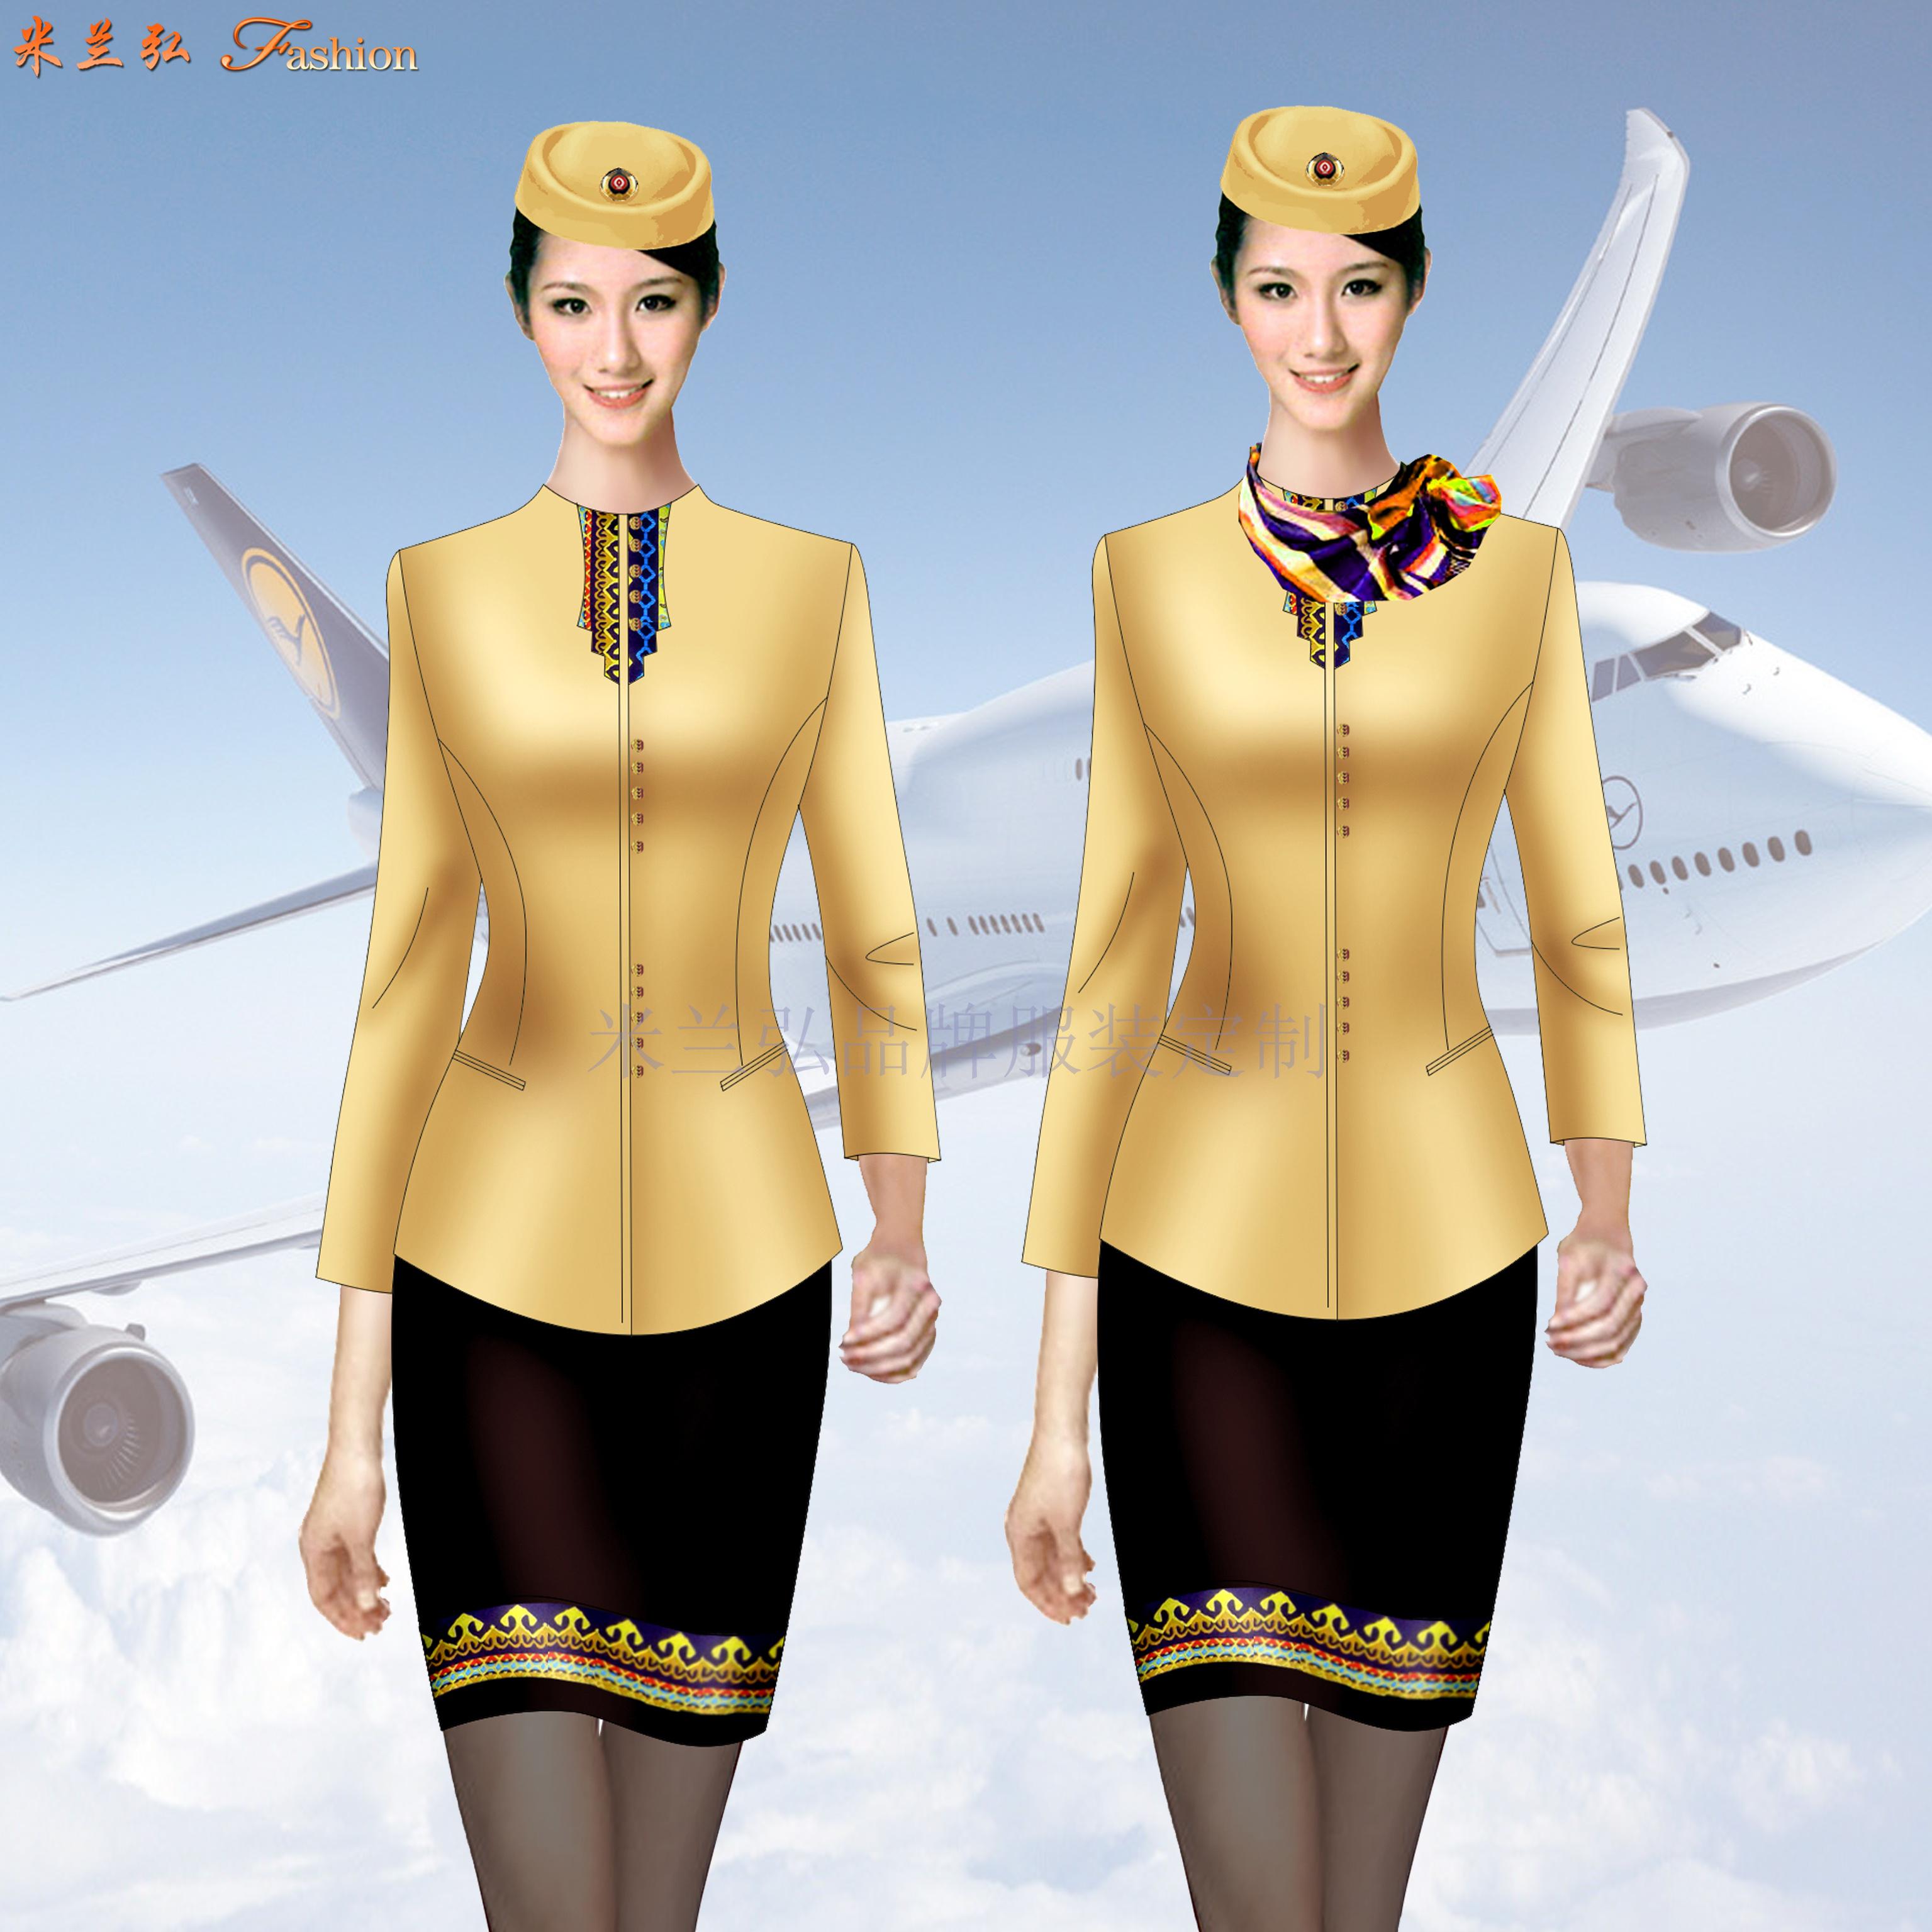 高等院校空乘服定制_高职学校空姐服定做_成人学校空姐服订做👍-5